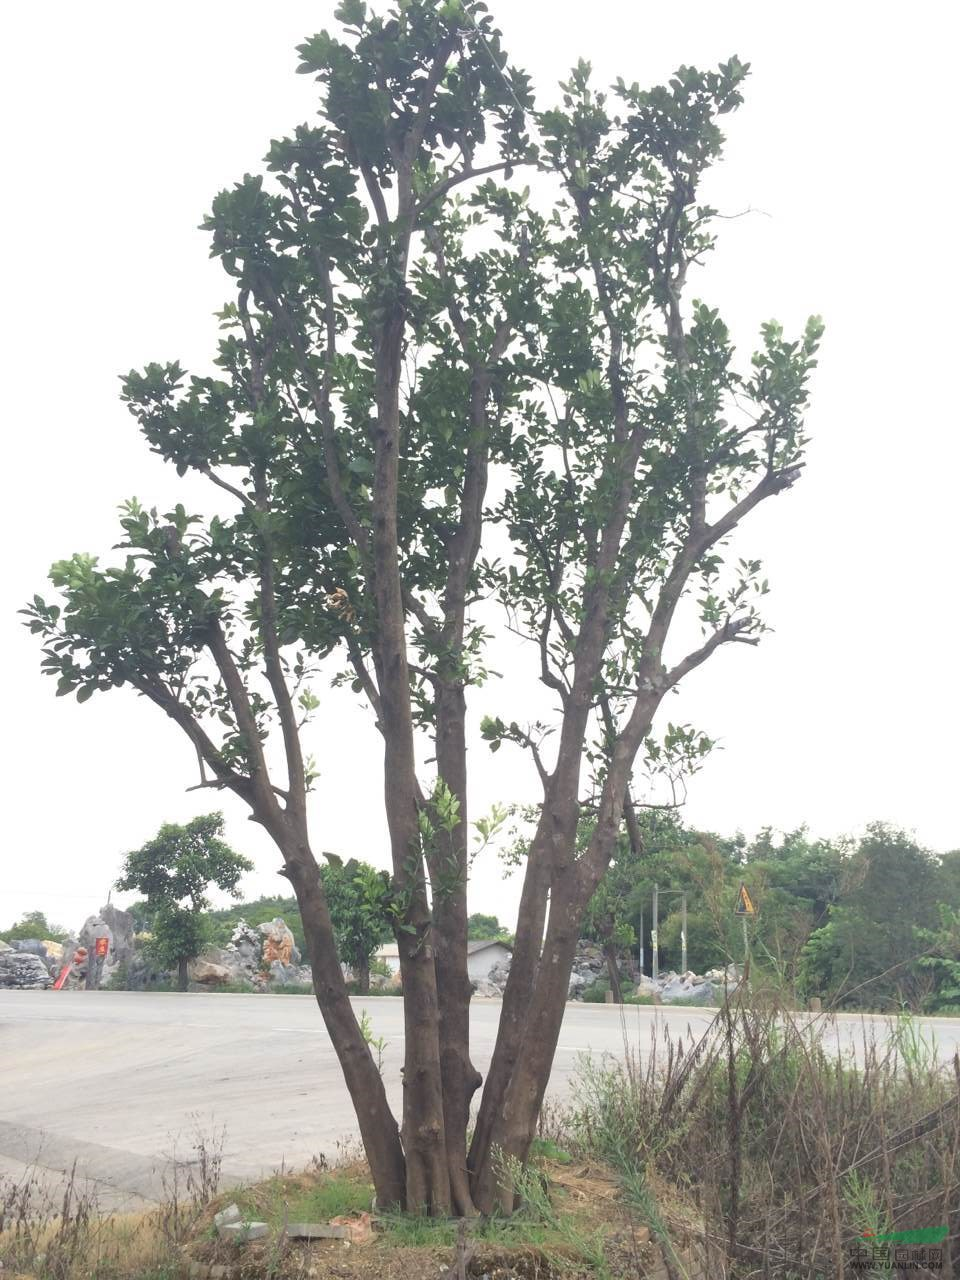 产品编号:11419 产品名称:柚子树(香泡树) 规 格:地径78公分,冠幅5米2,总高8米1,五杆分支每杆15-23公分 详细描述:地径78公分,冠幅5米2,总高8米1,五杆分支每杆15-23公分 大量出售批发精品经典柚子树(香泡树) 各种大小规格齐全.品种优美.是庭院绿化首选.希望新老客户到实地考察采购.